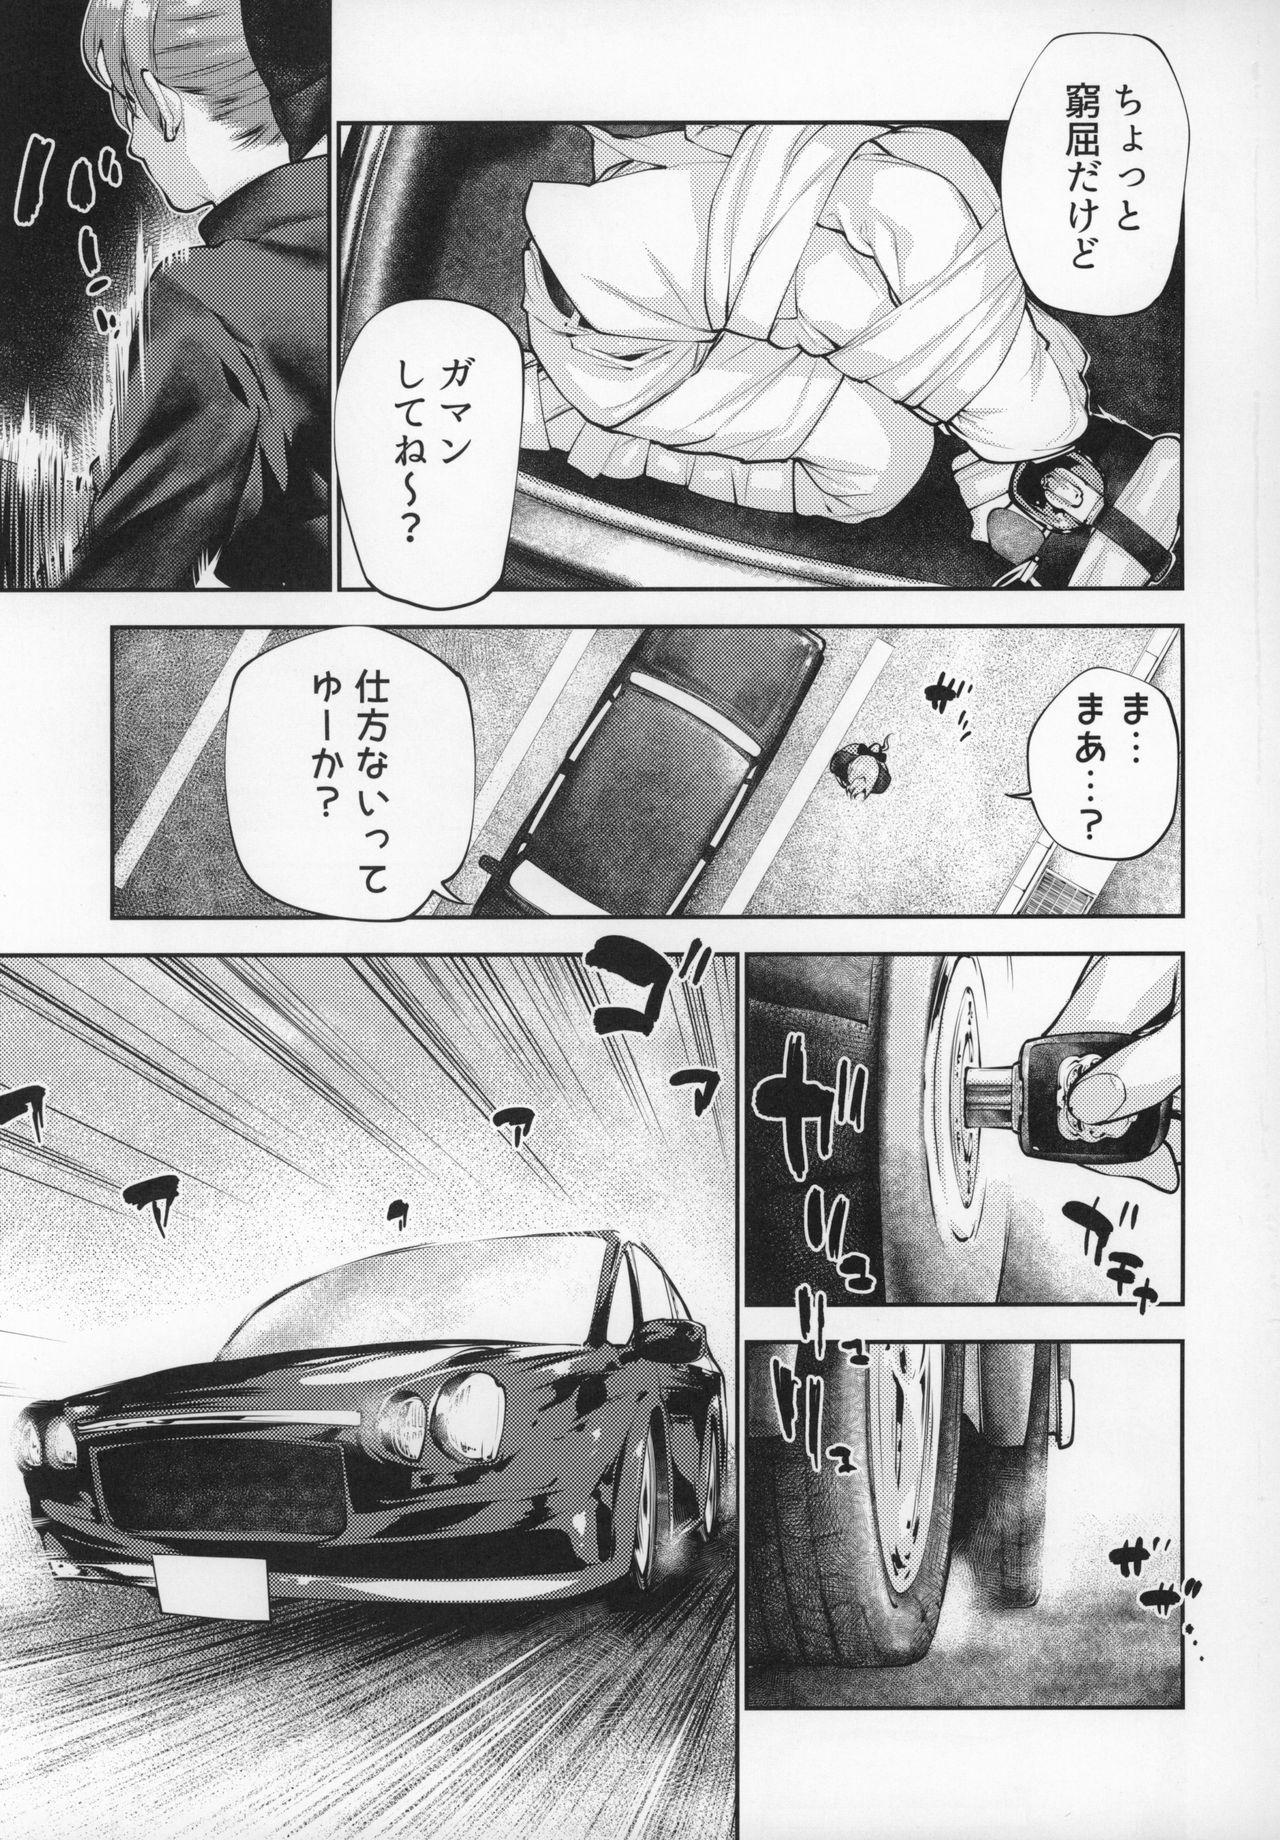 [kitsunenotera (bouko)] Kou demo Shinakya Akigumo-san 25-sai ga Teitoku to Hameru Kikai Isshou Konai desho (Kantai Collection -KanColle-) 3